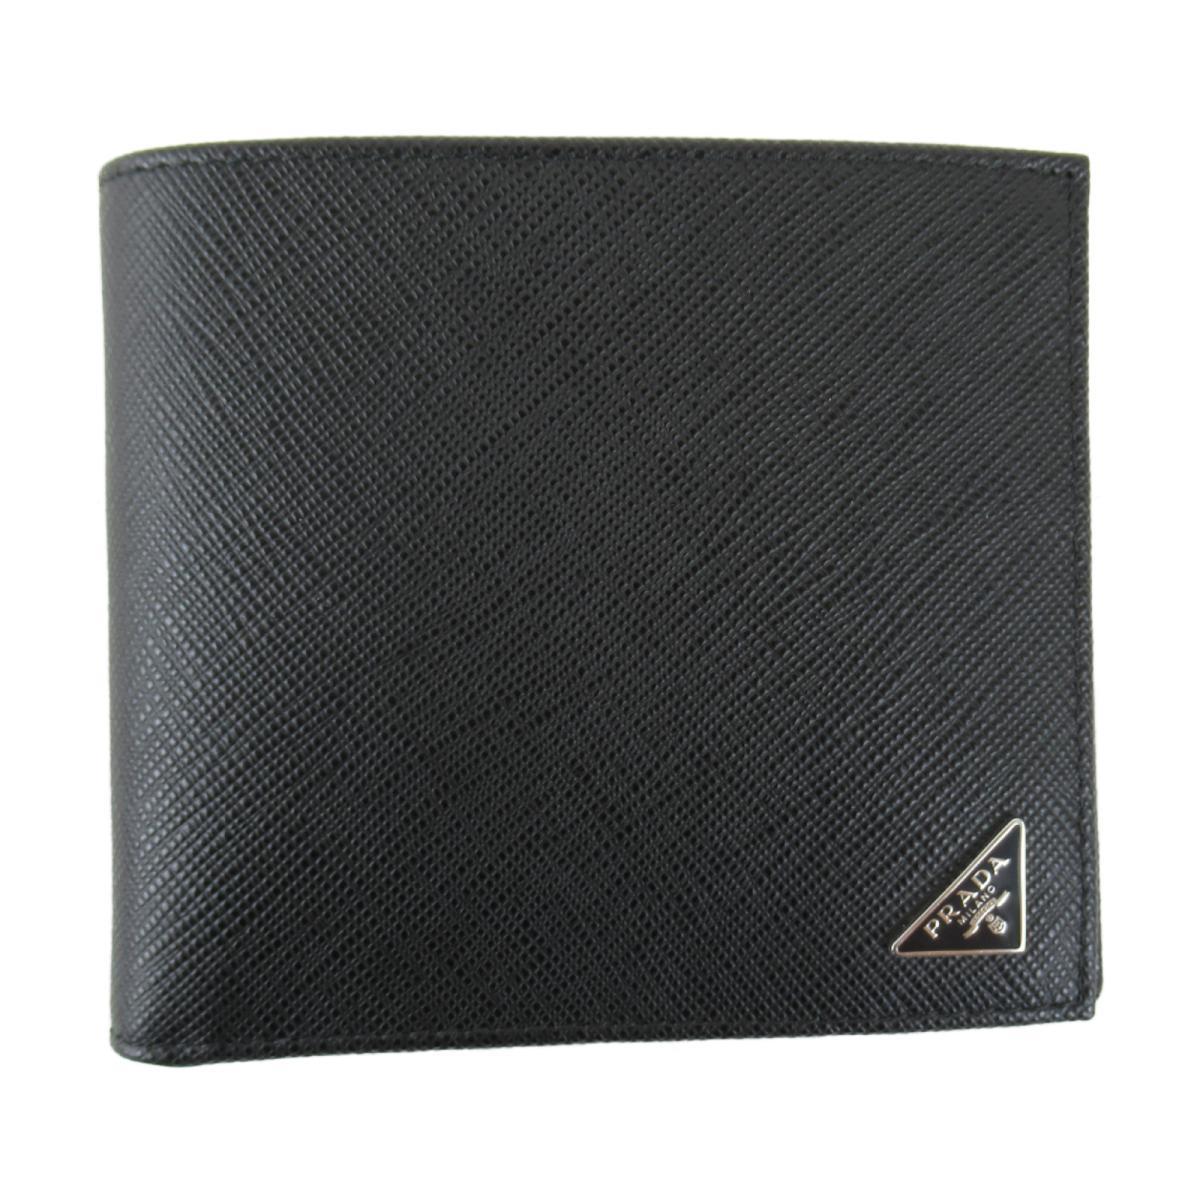 プラダ SLG サフィアーノ 二つ折り財布 札入れ メンズ レディース サフィアーノレザー ブラック (2MO513QHHF0002) | PRADA BRANDOFF ブランドオフ ブランド ブランド財布 財布 サイフ